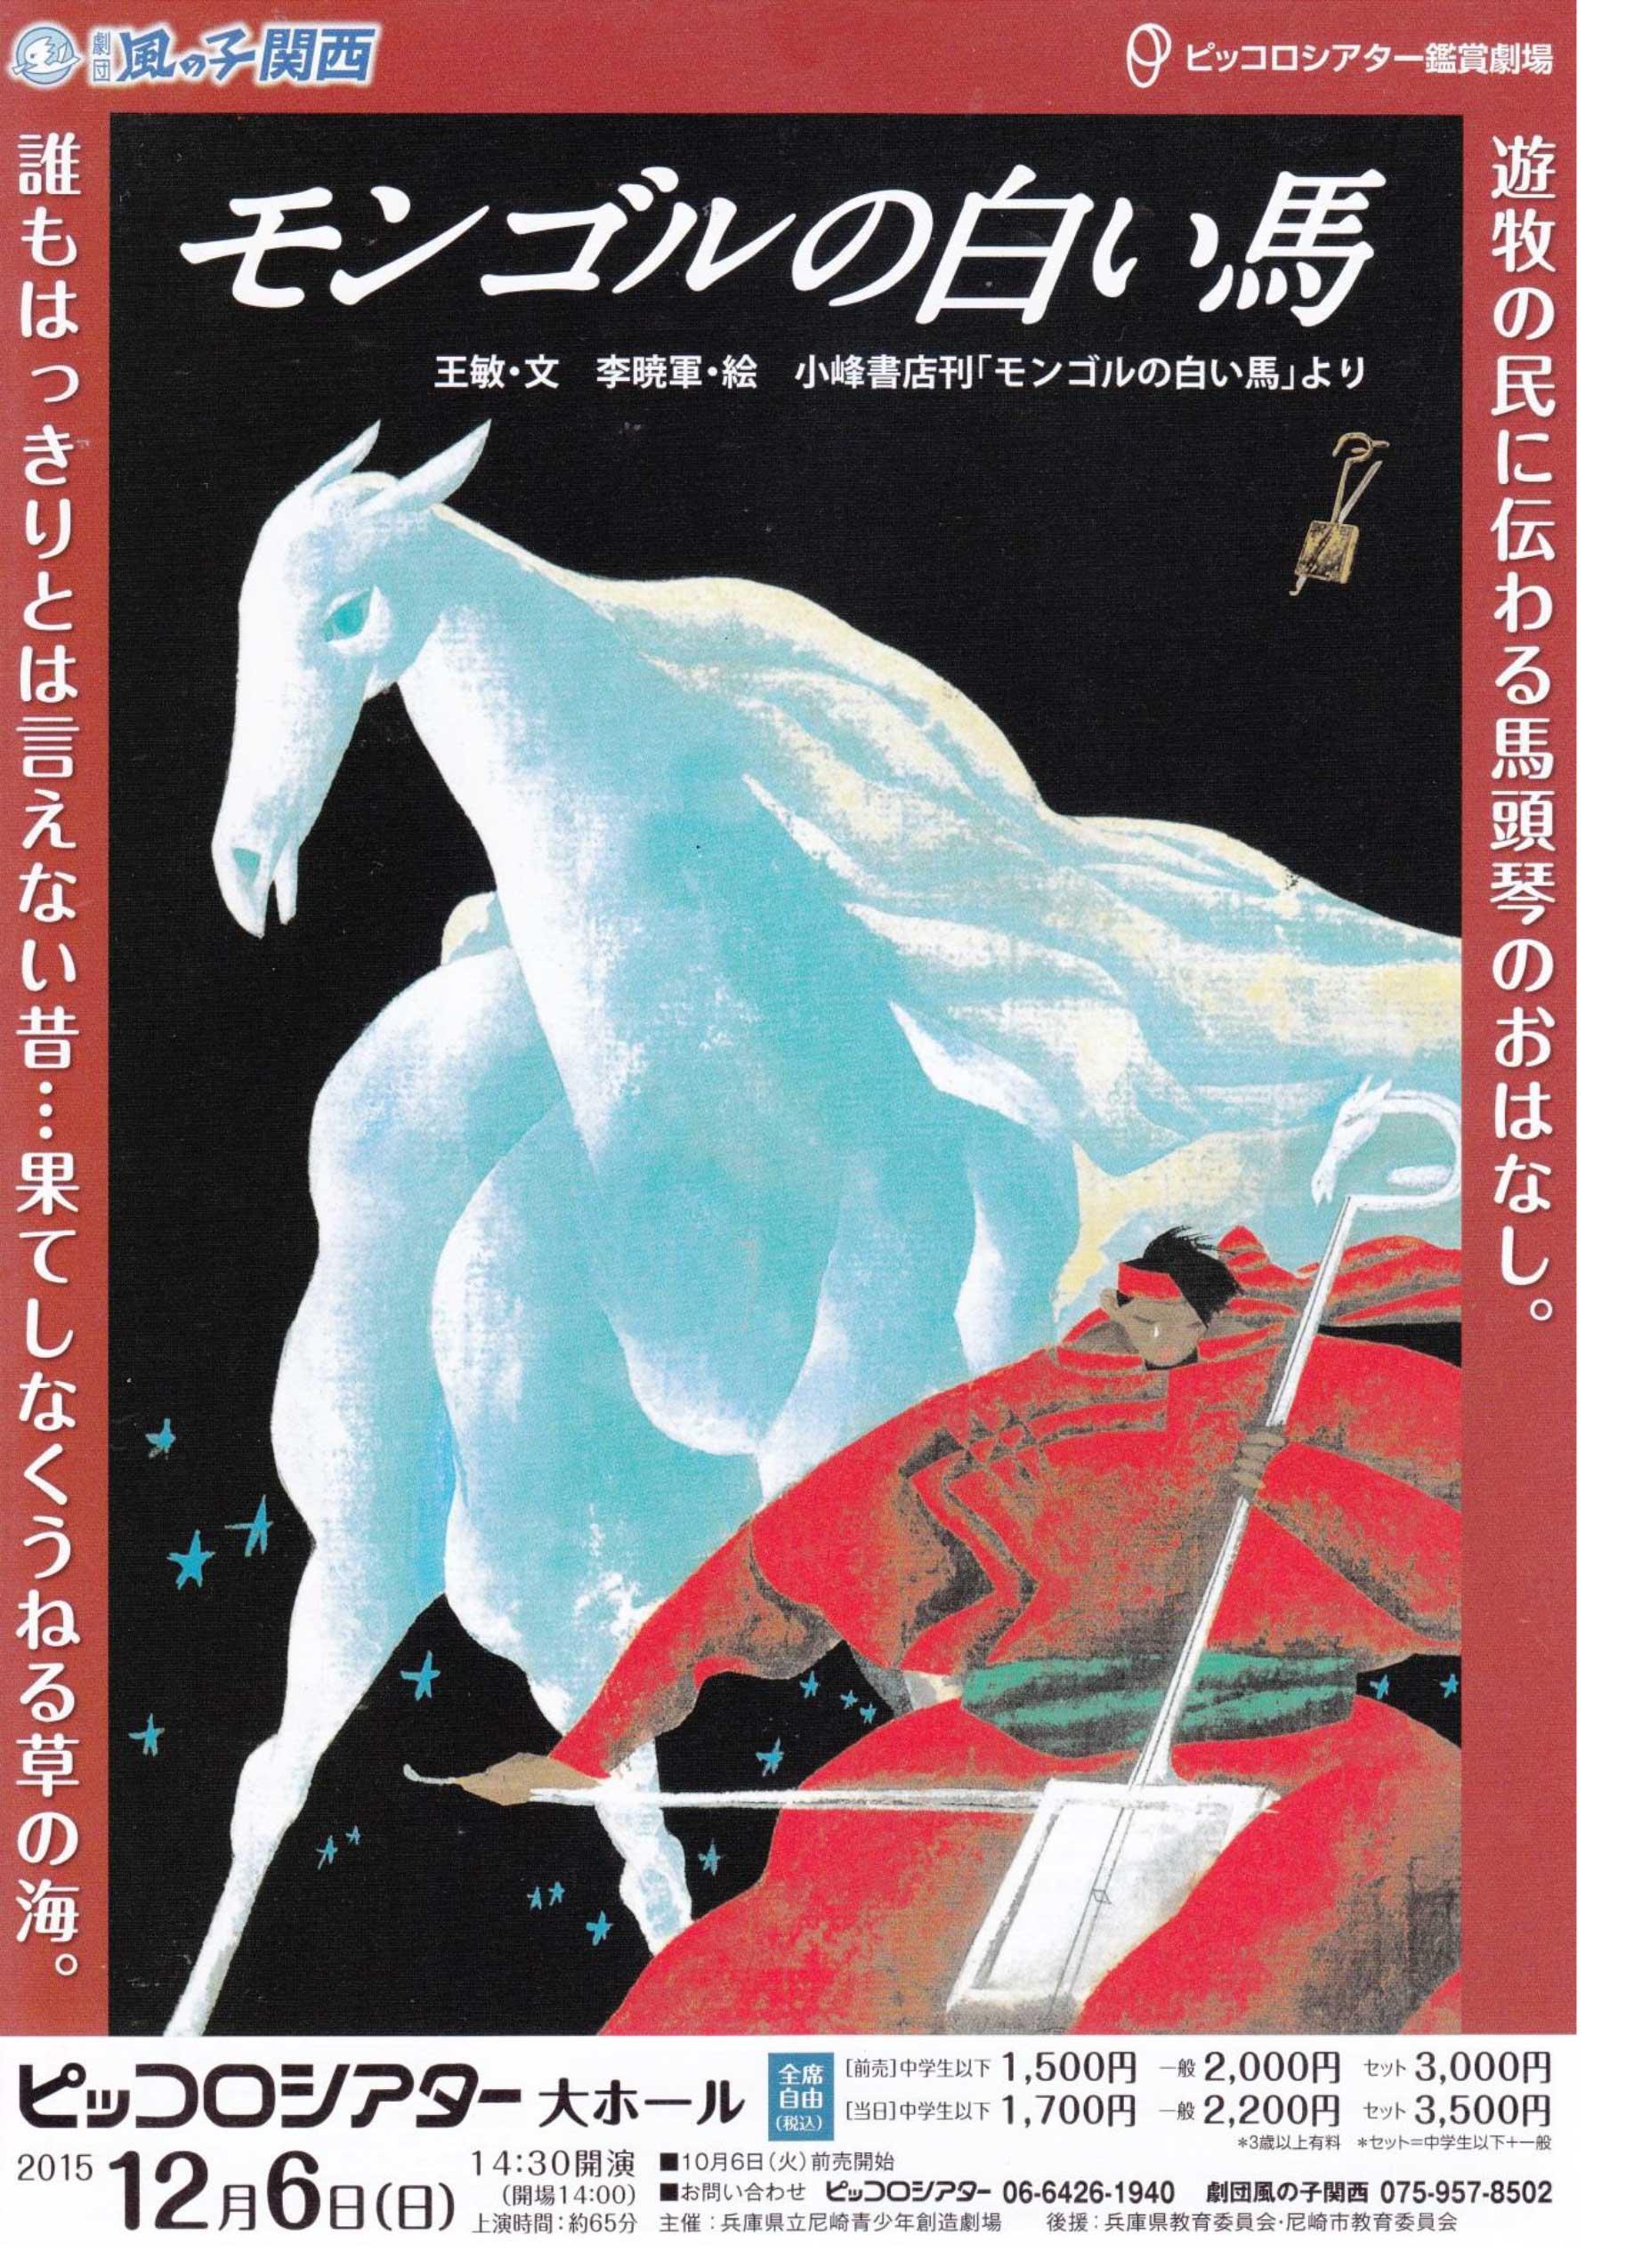 チラシ(モンゴルの白い馬)